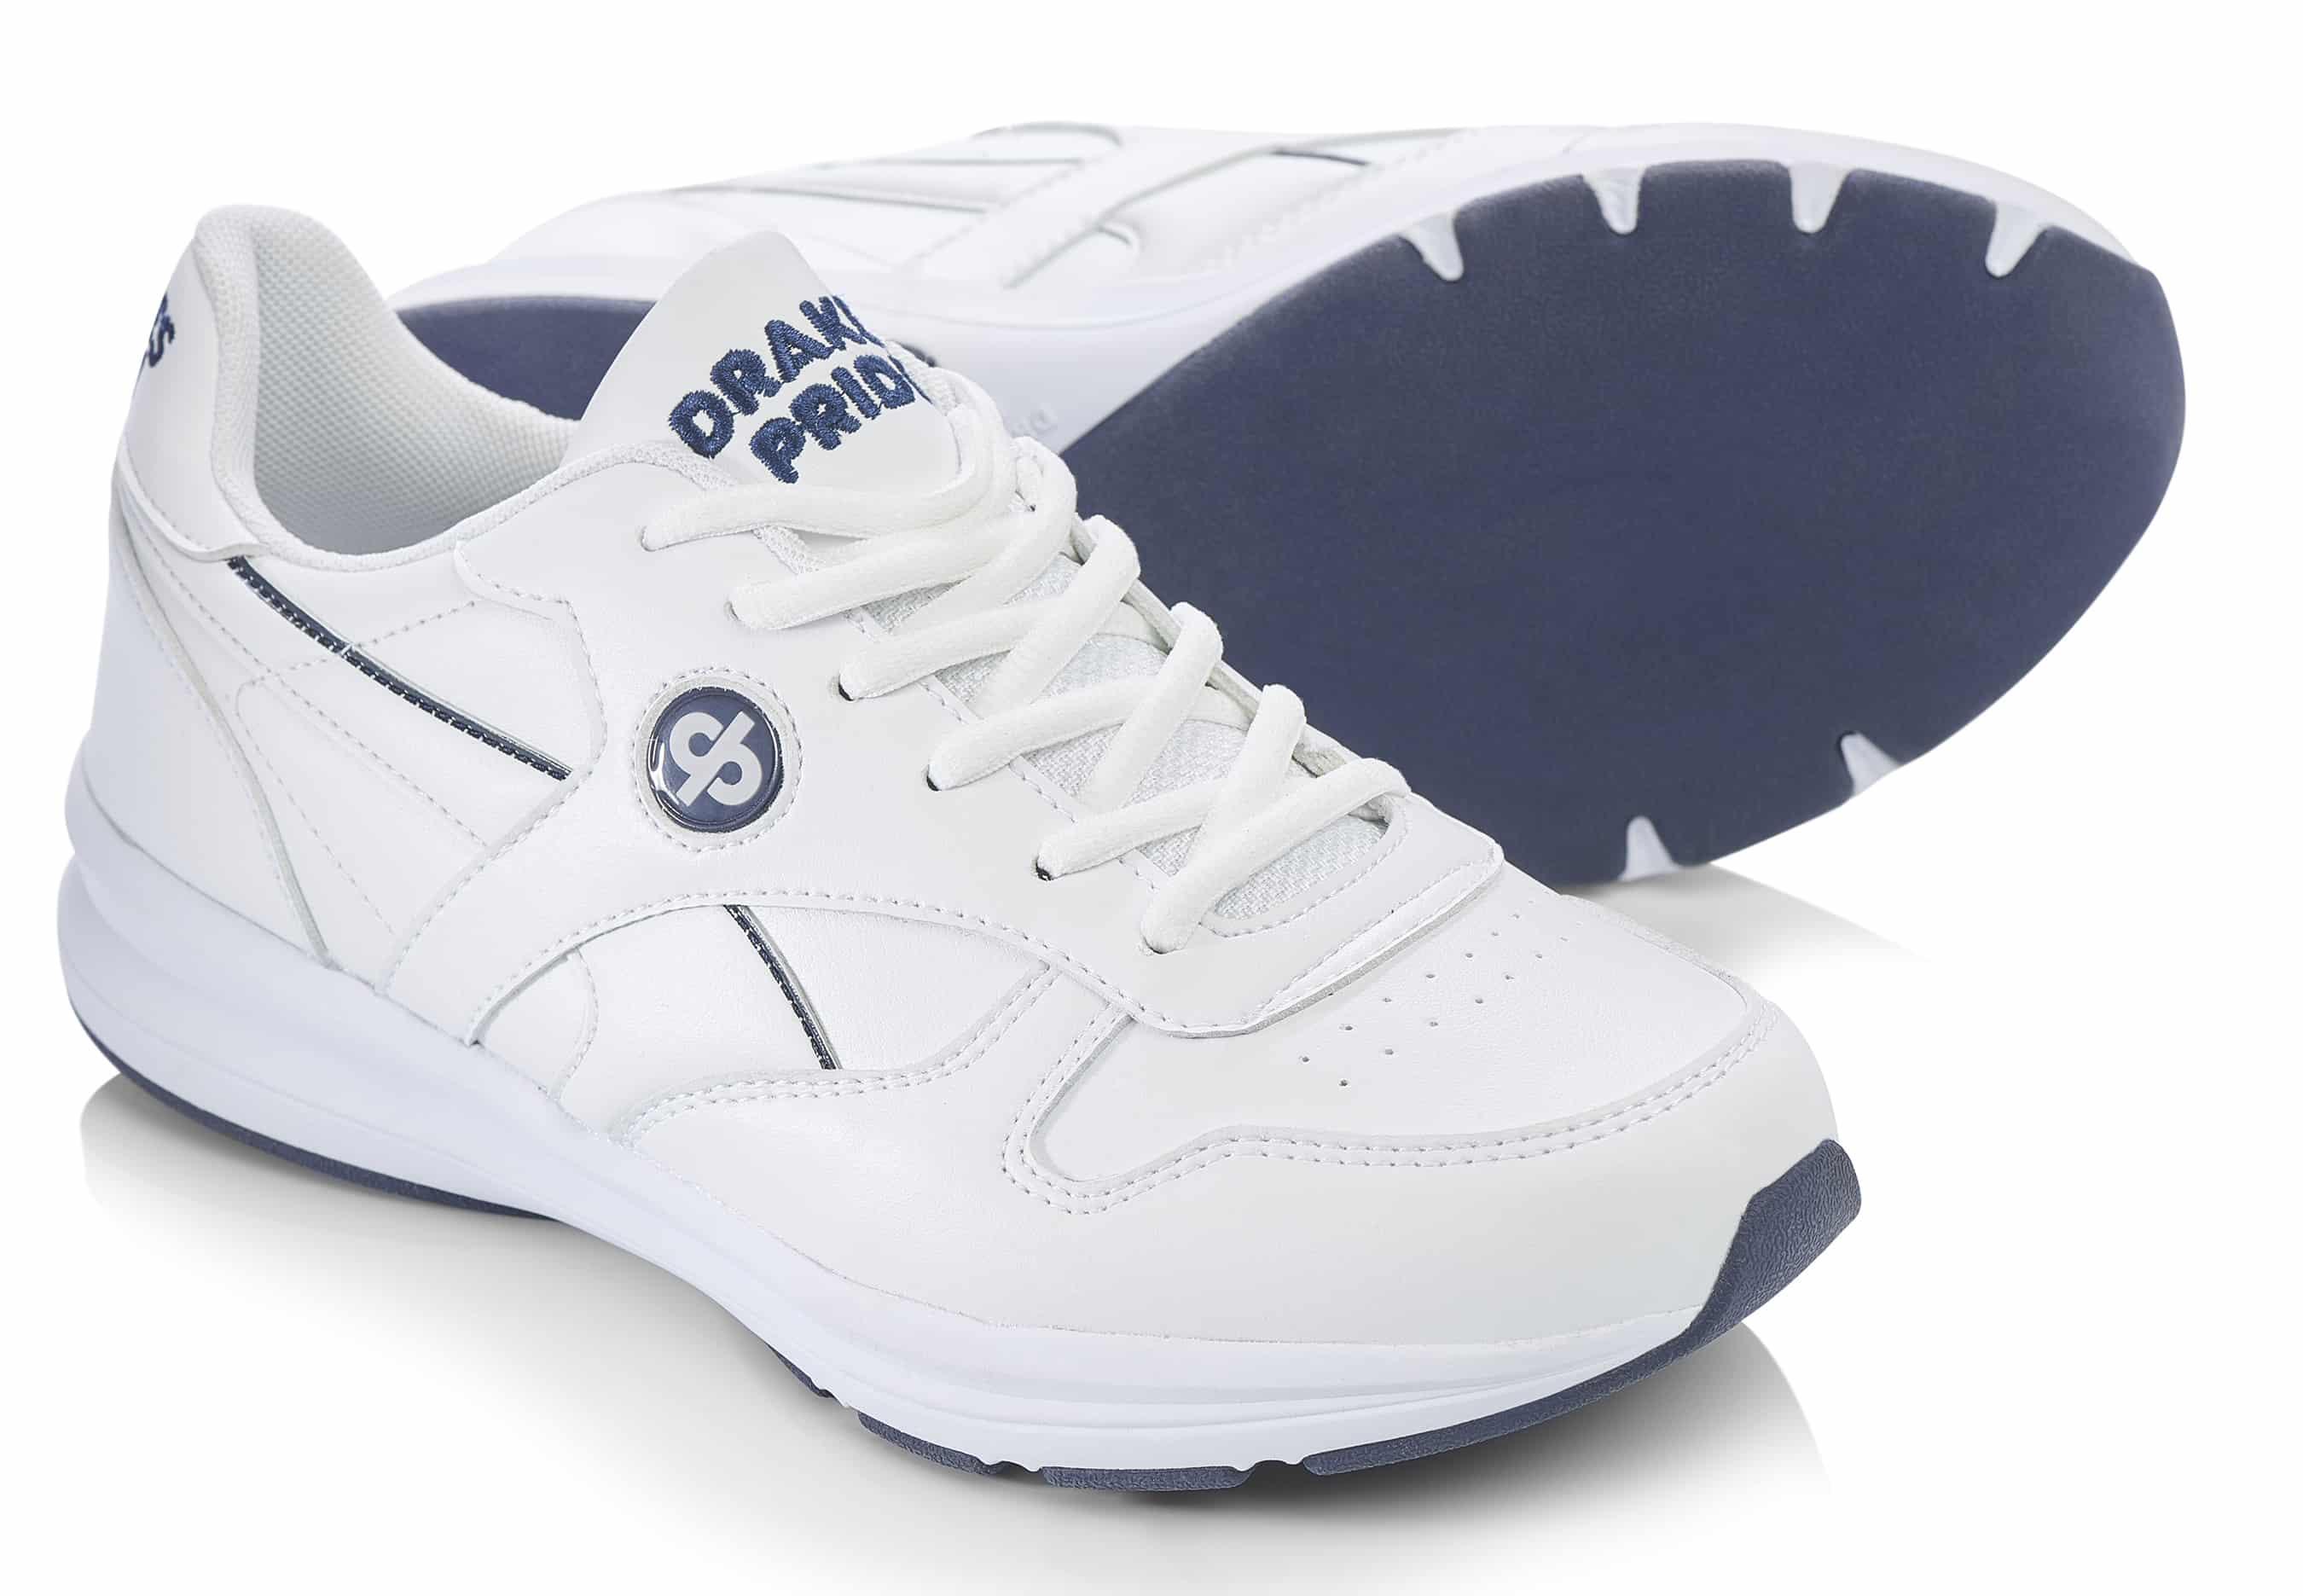 DP Solar 2 Bowls Shoe